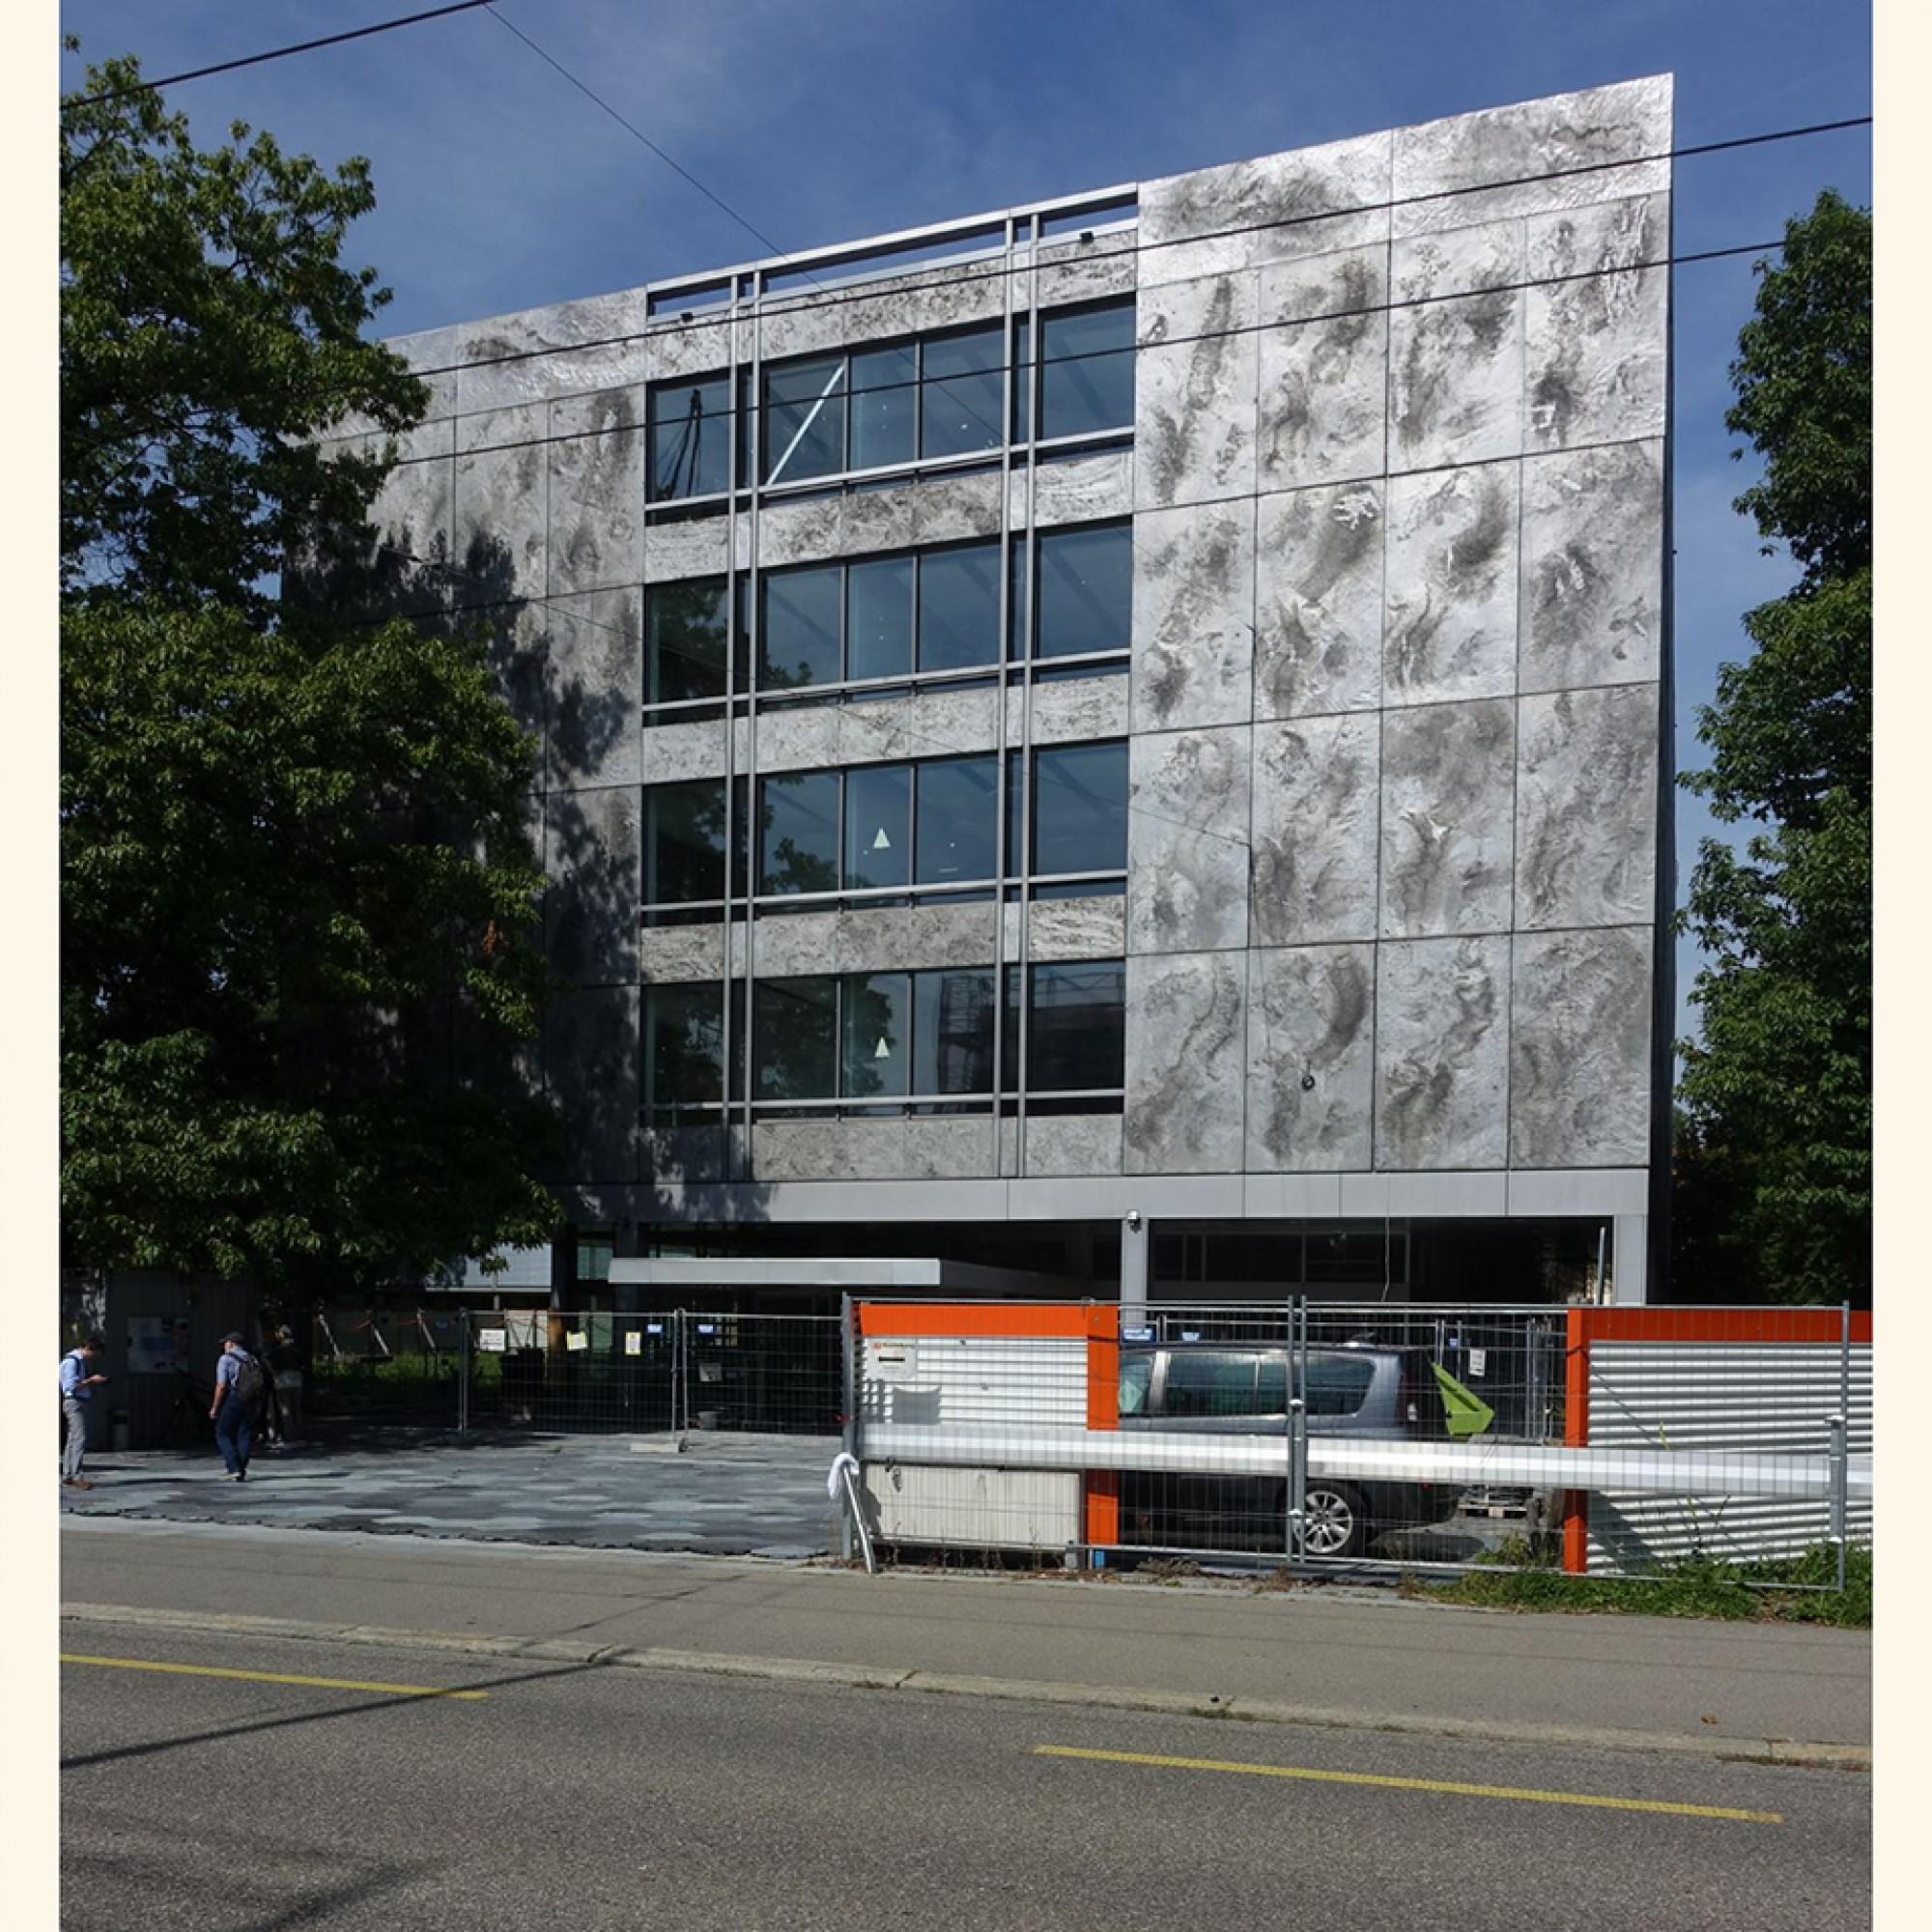 Das besuchte Axa-Bürogebäude in Winterthur stammt aus den frühen 1960er-Jahren. Es ist seit 2013 im Inventar schützenswerter Bauten und wird sanft renoviert.